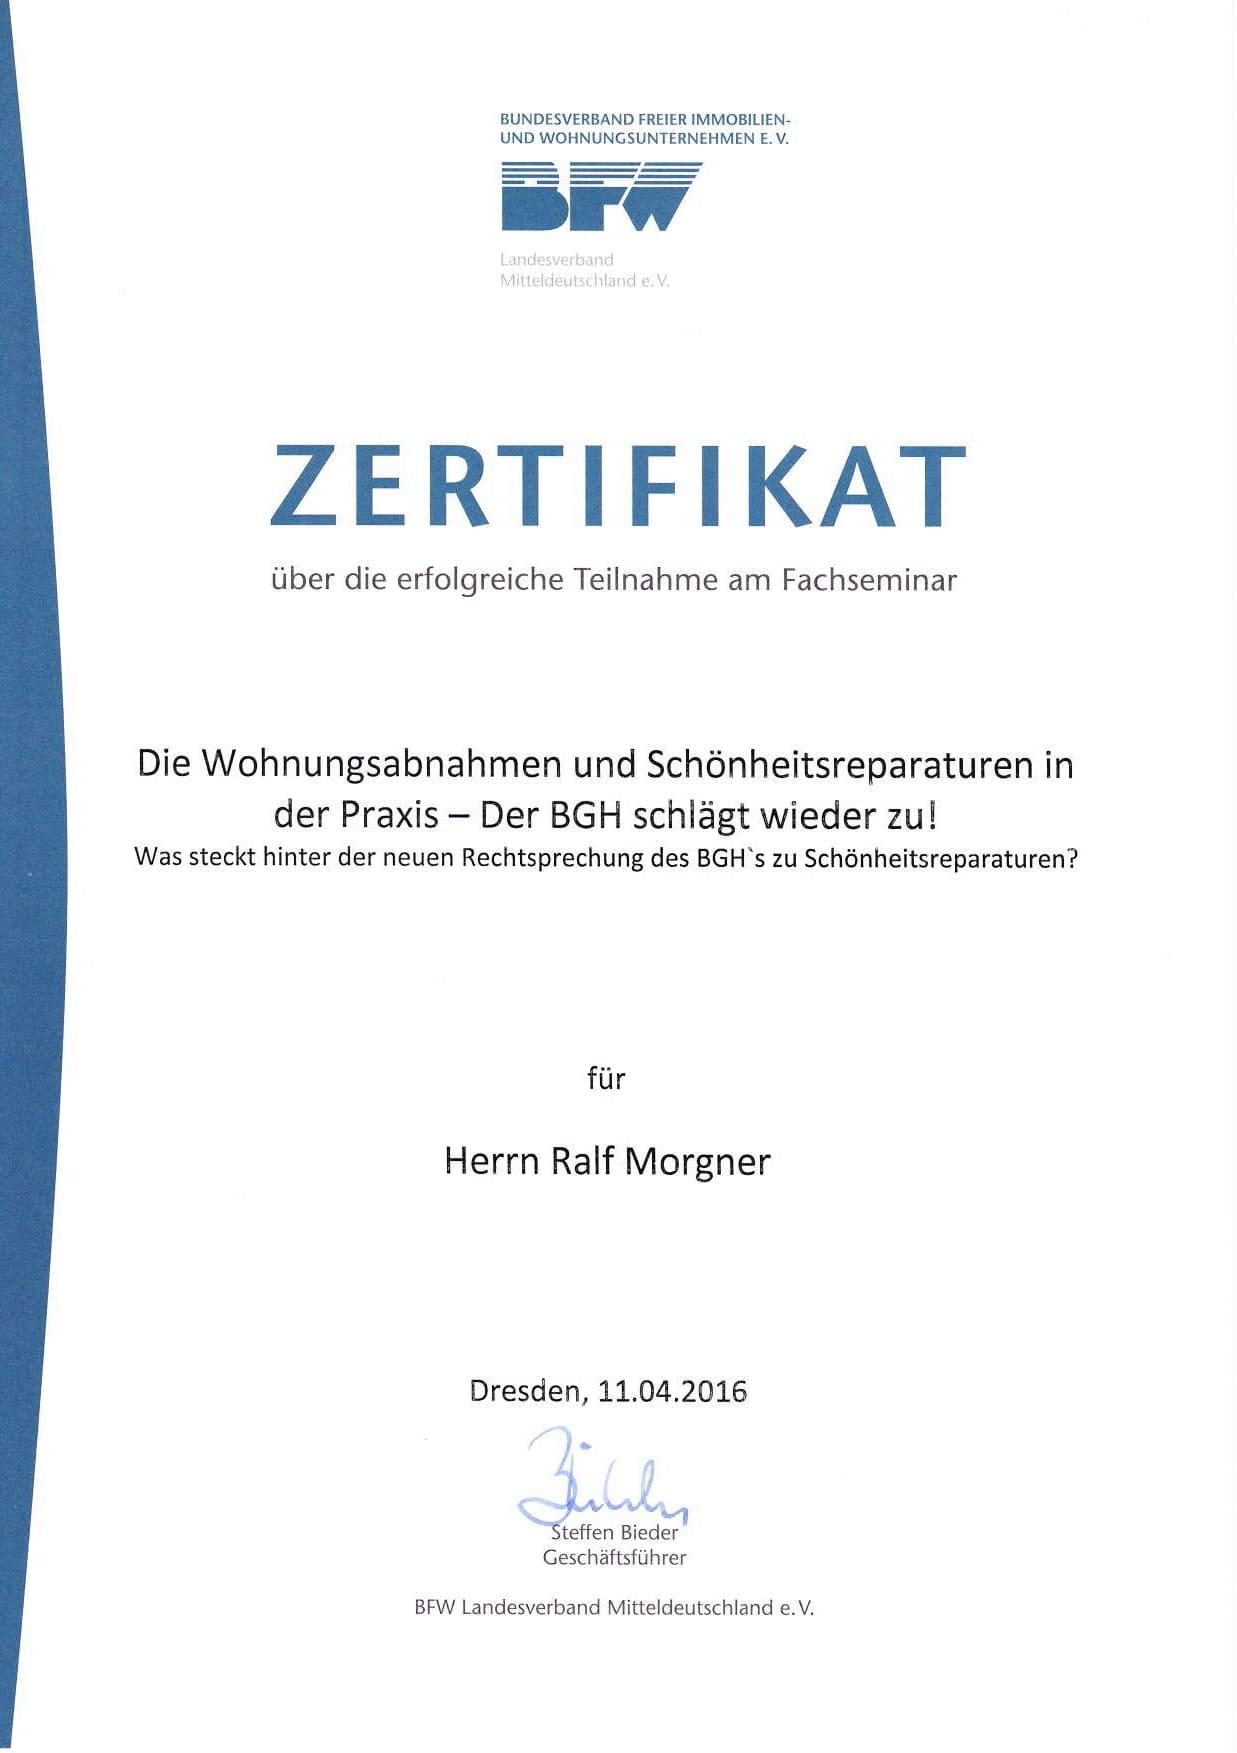 Die Wohnungsabnahmen und Schönheitsreparaturen in der Praxis - Der BGH schlägt wieder zu!